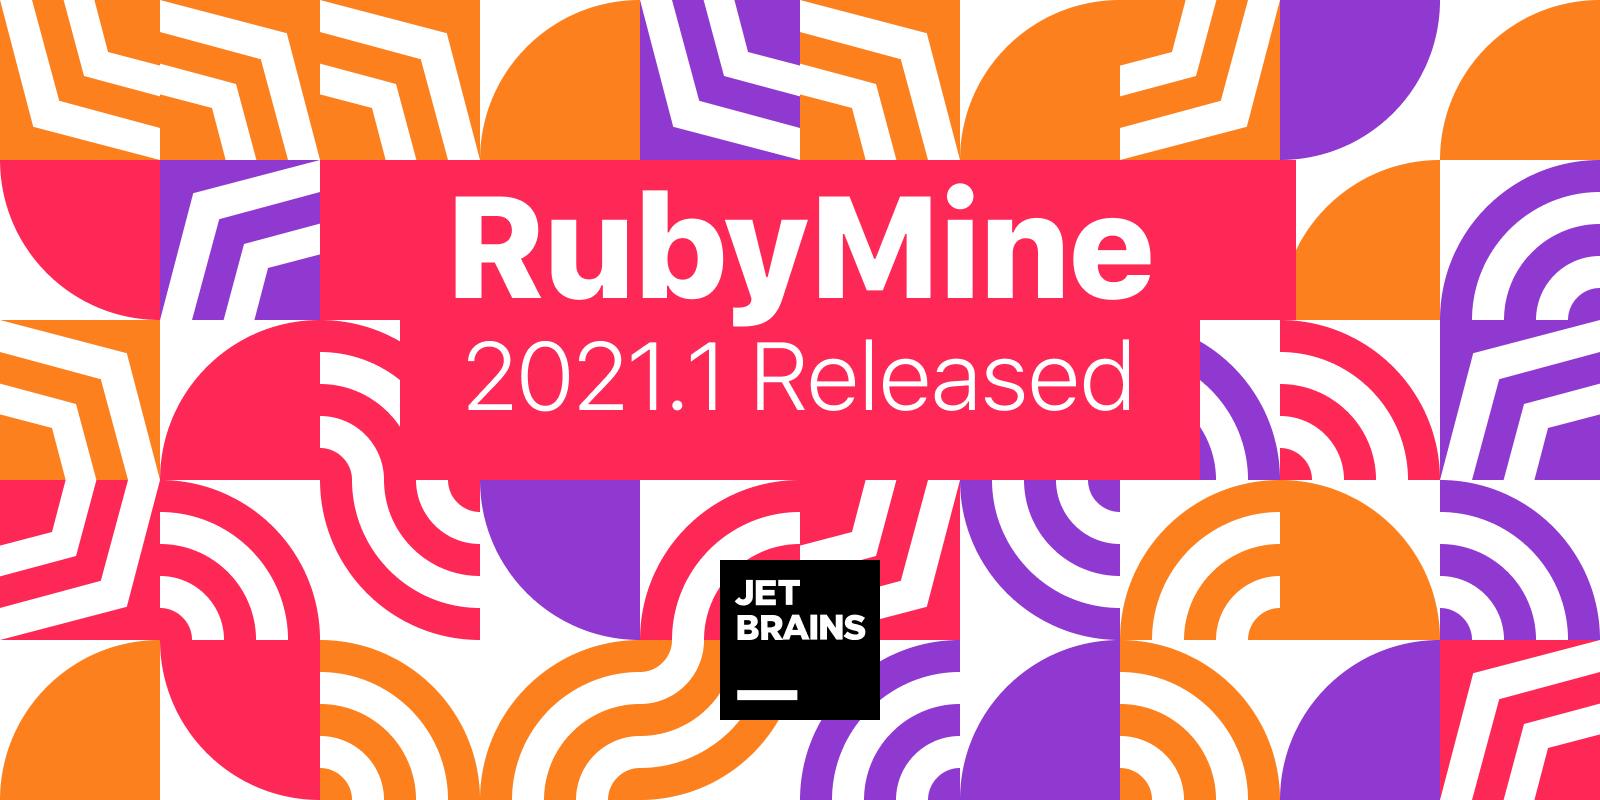 RubyMine 2021.1